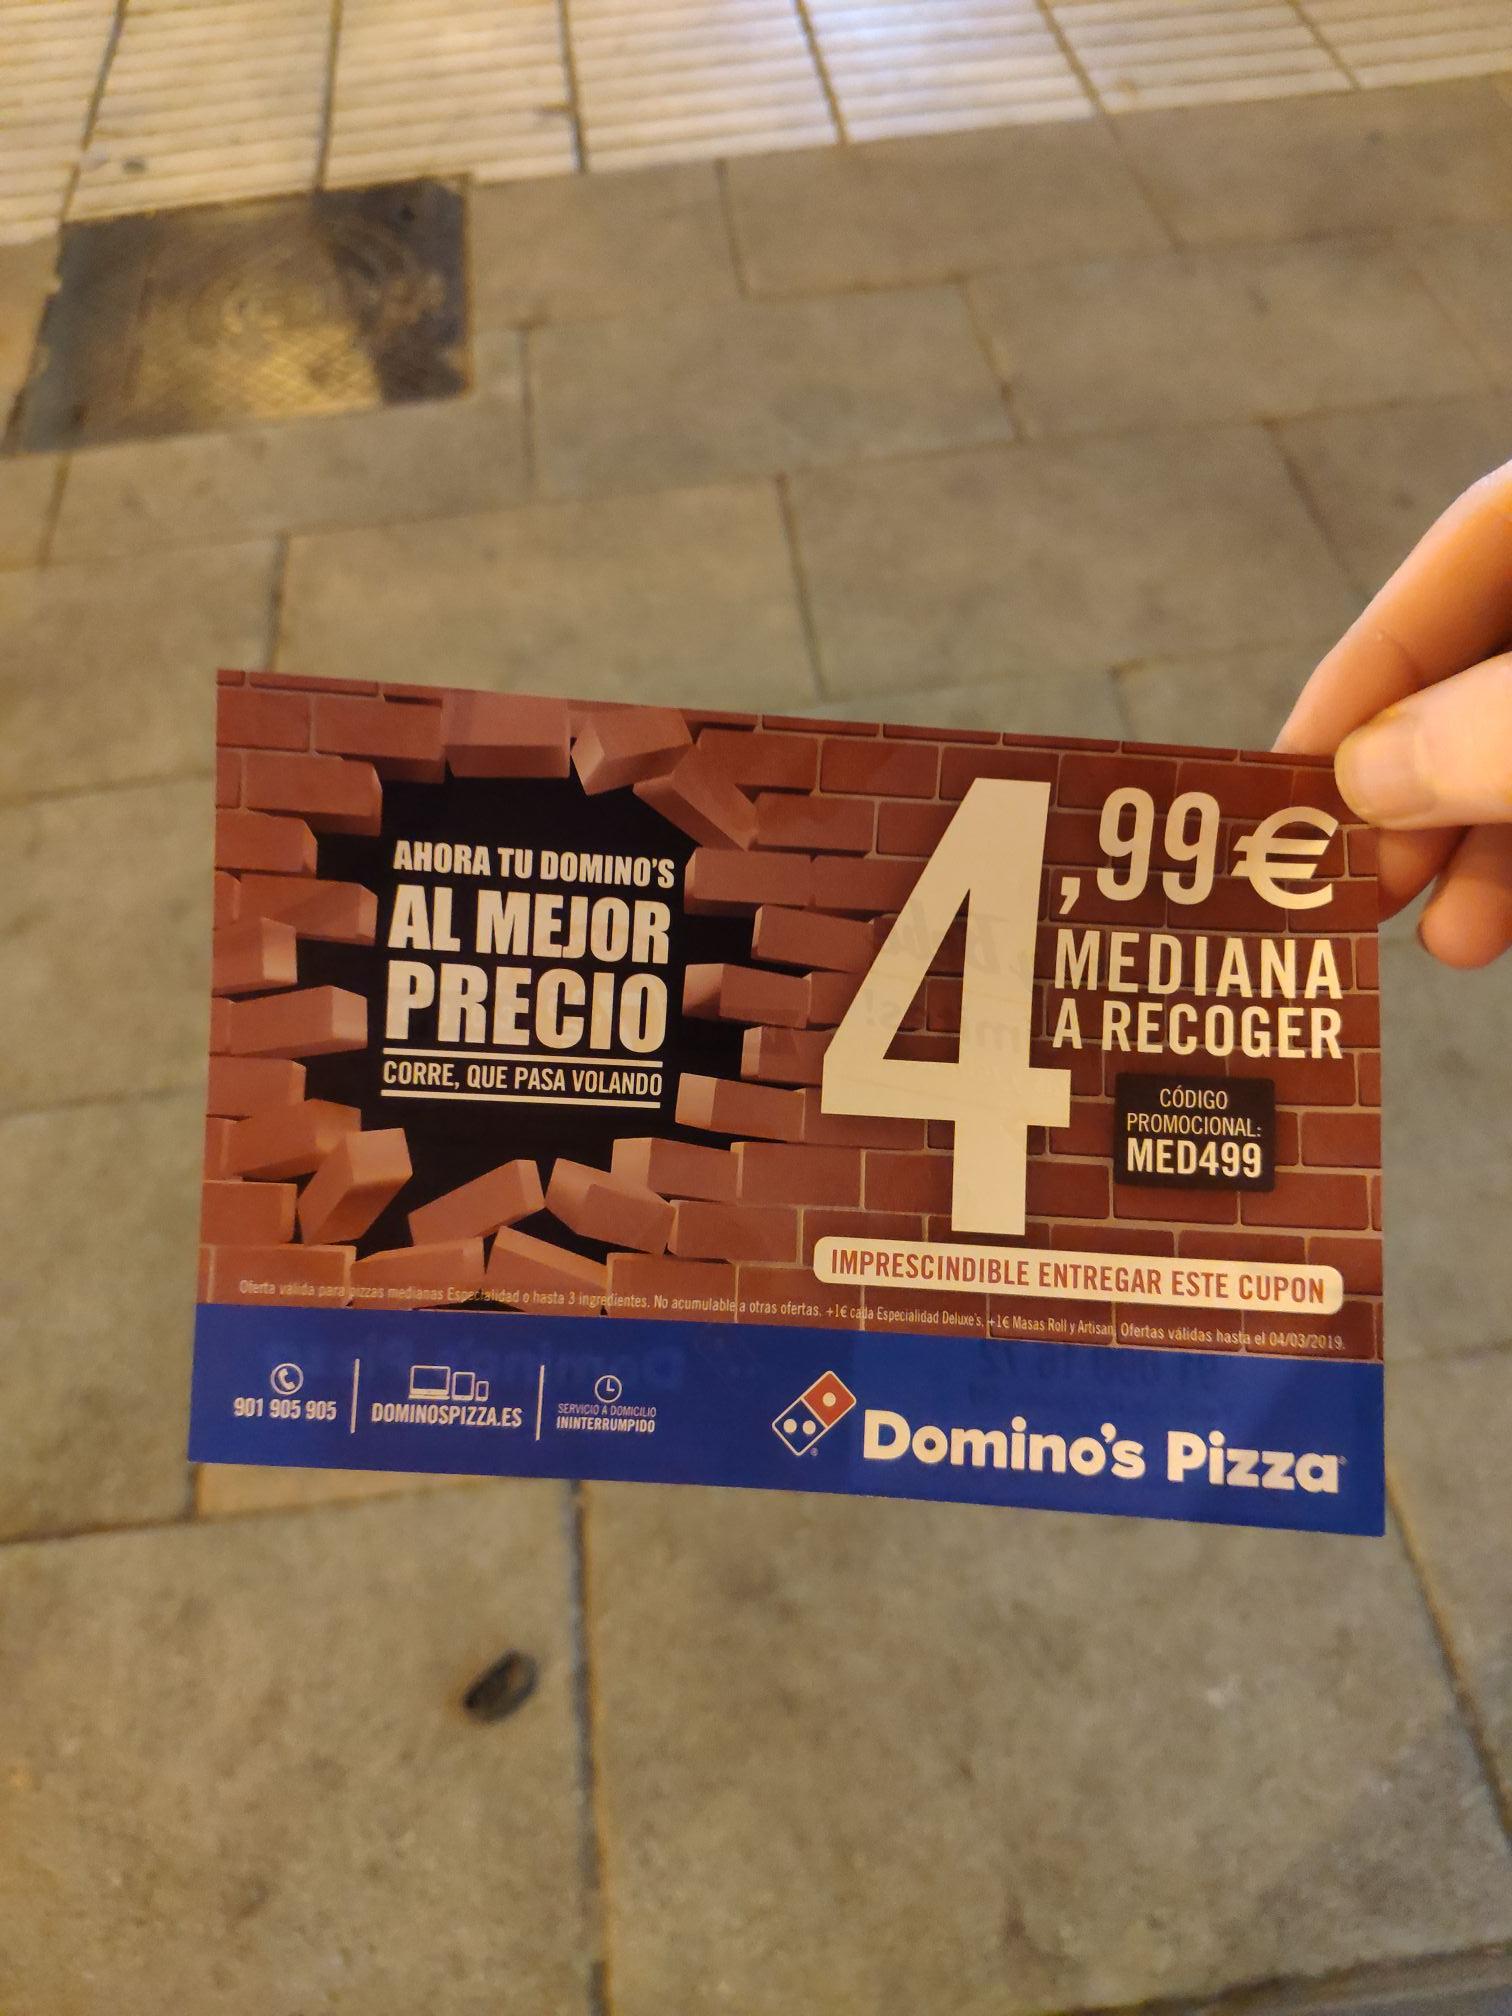 Medianas desde 4.99 en  Domino's Pizza